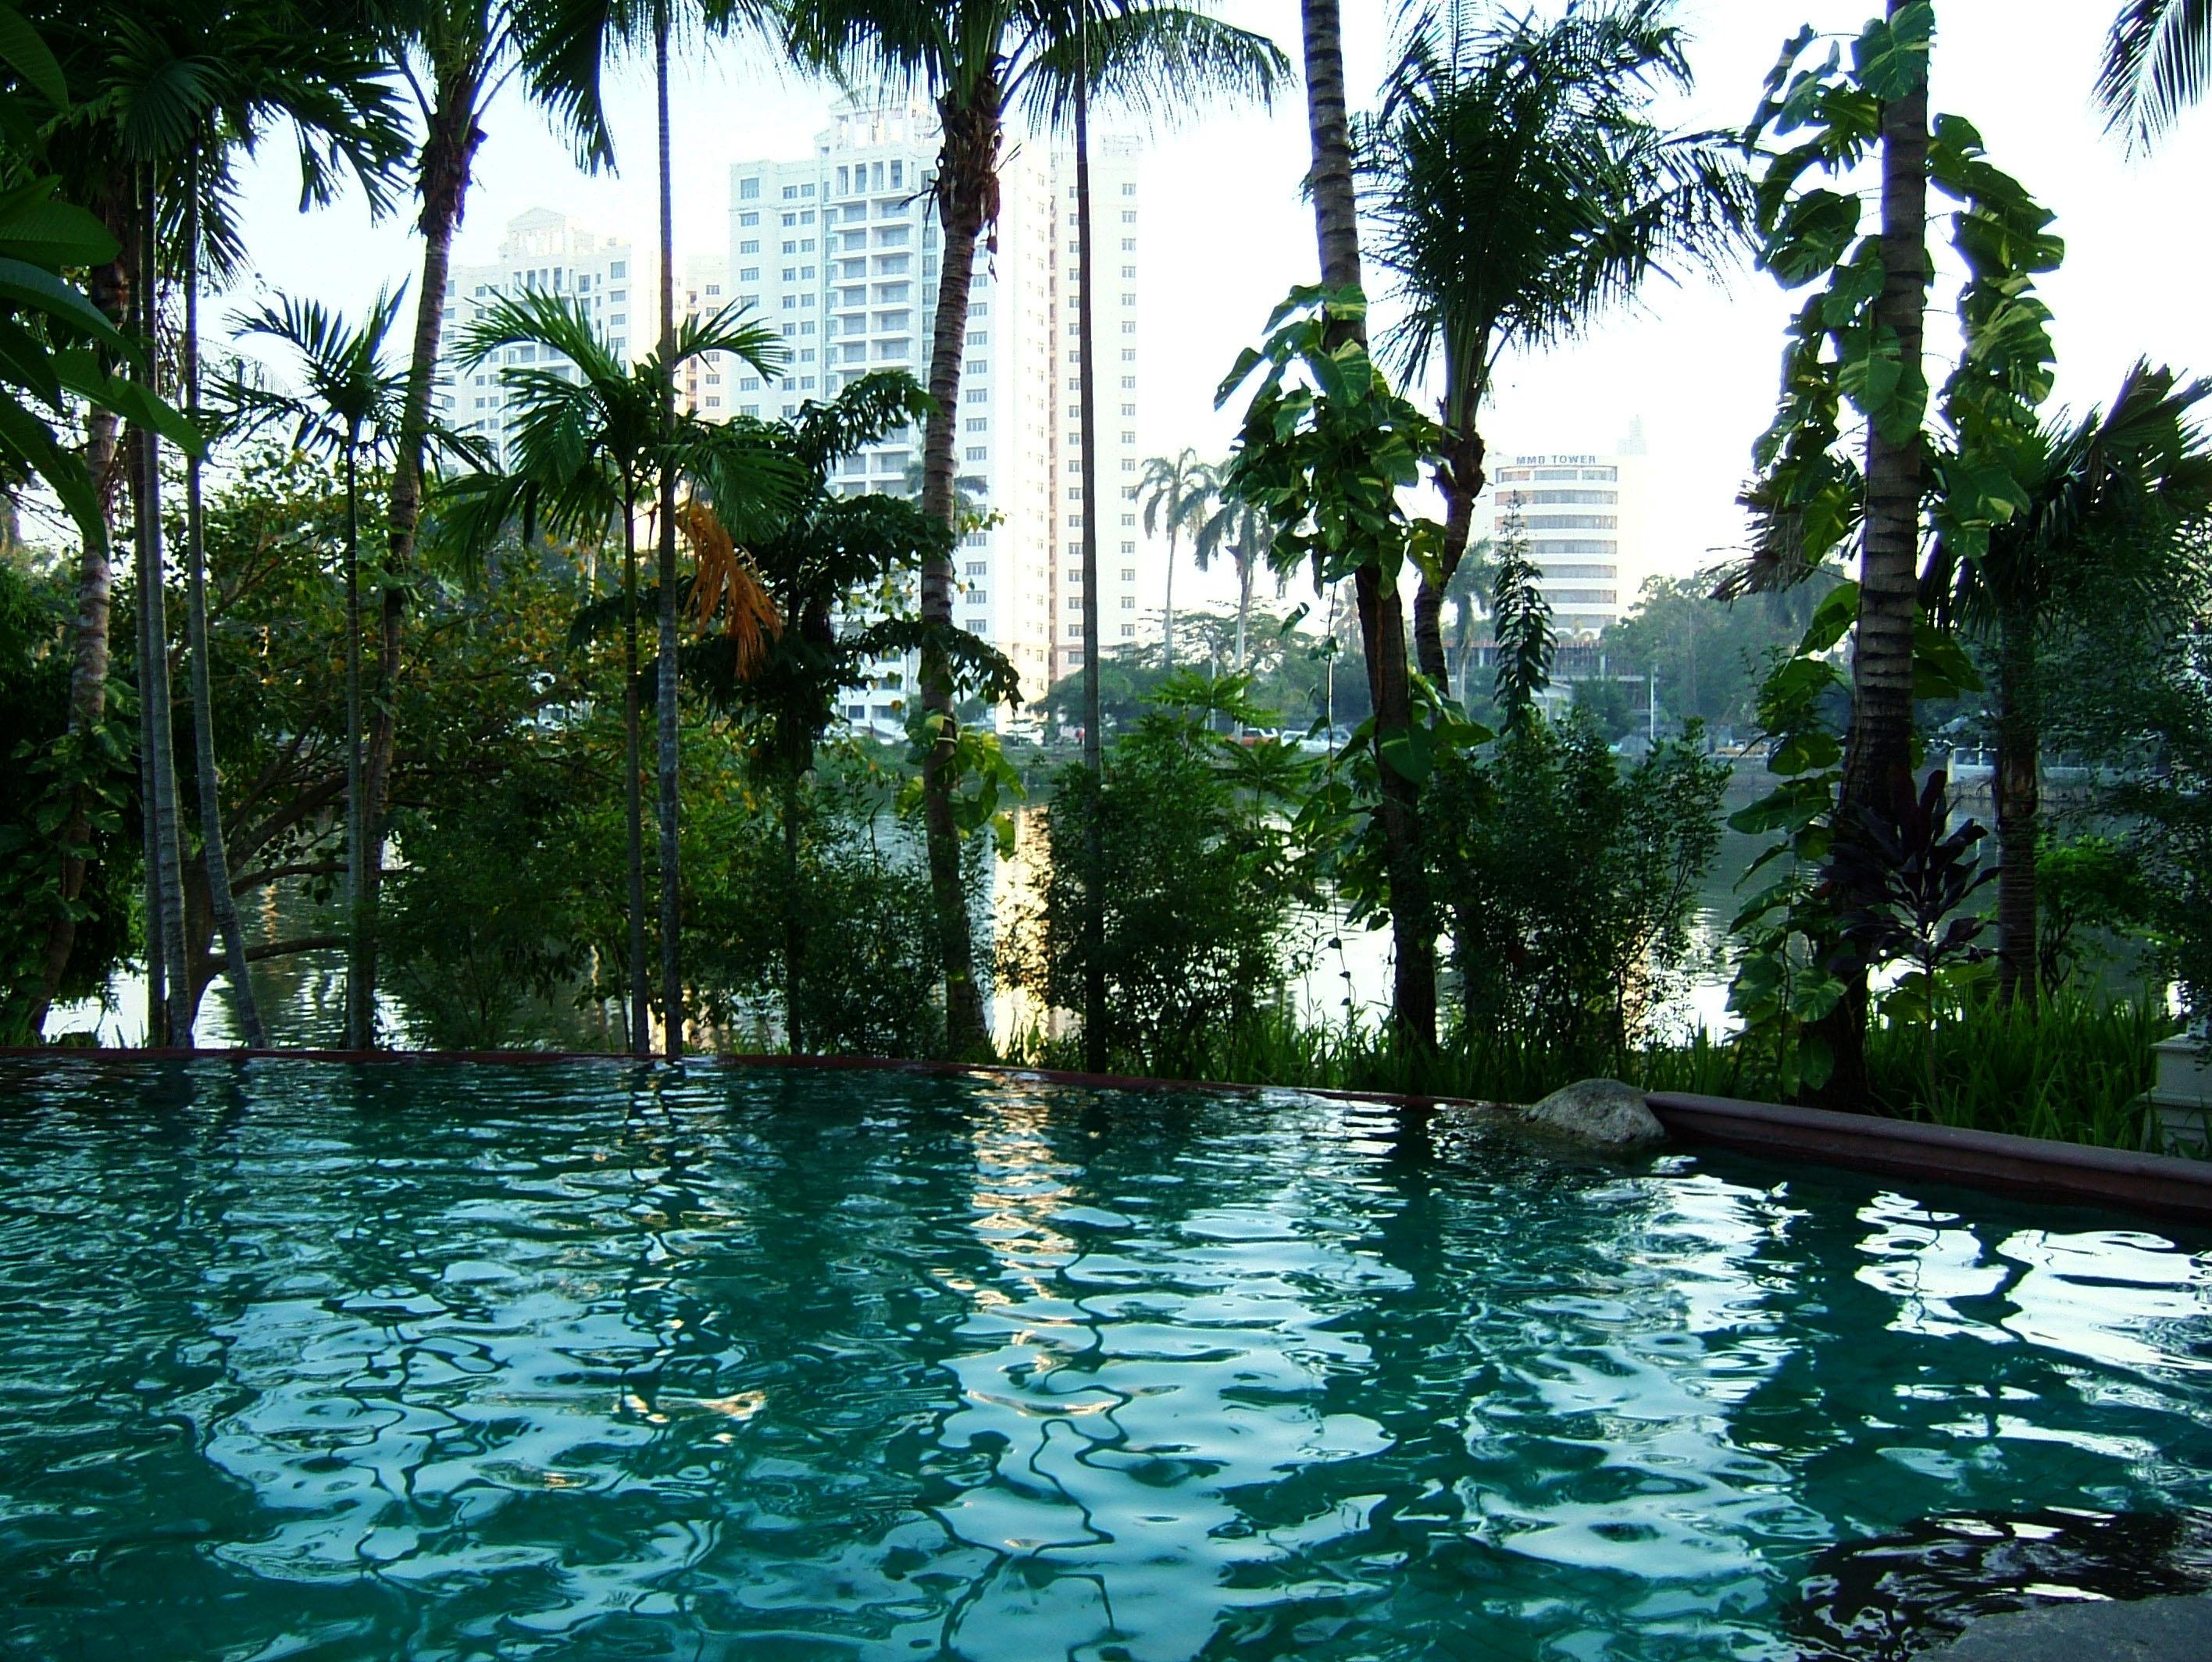 Yangon Kandawgyi Palace Hotel swimming pool  Nov 2004 04